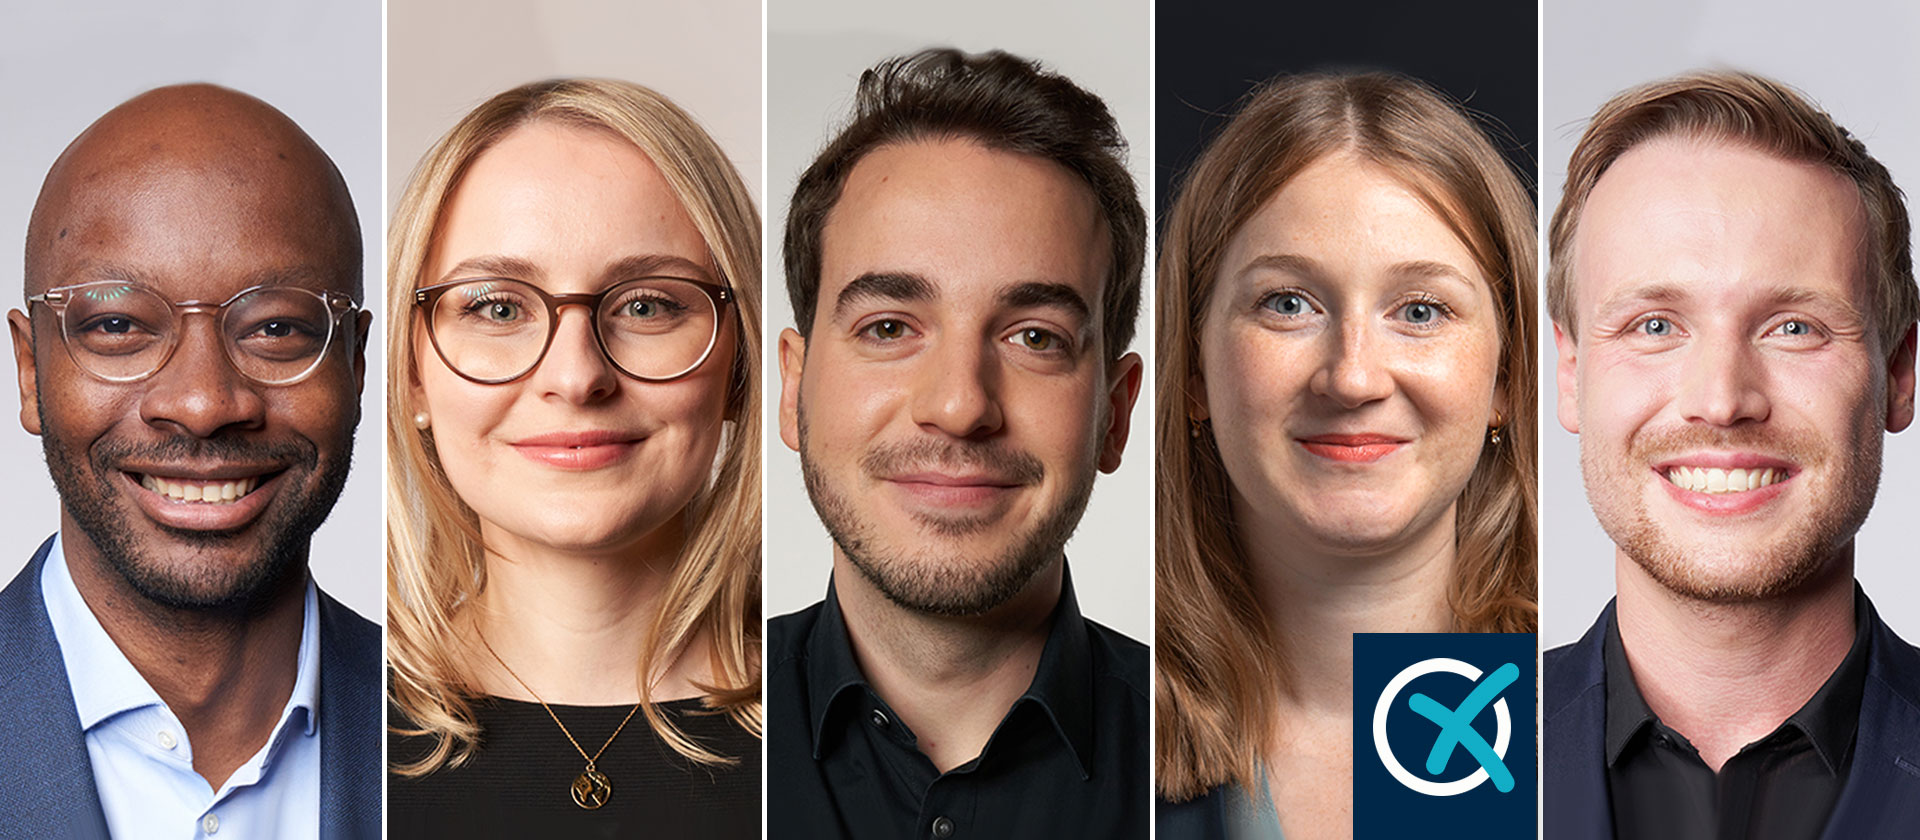 Porträts der fünf neuen Bundestagsabgeordneten der SPD.